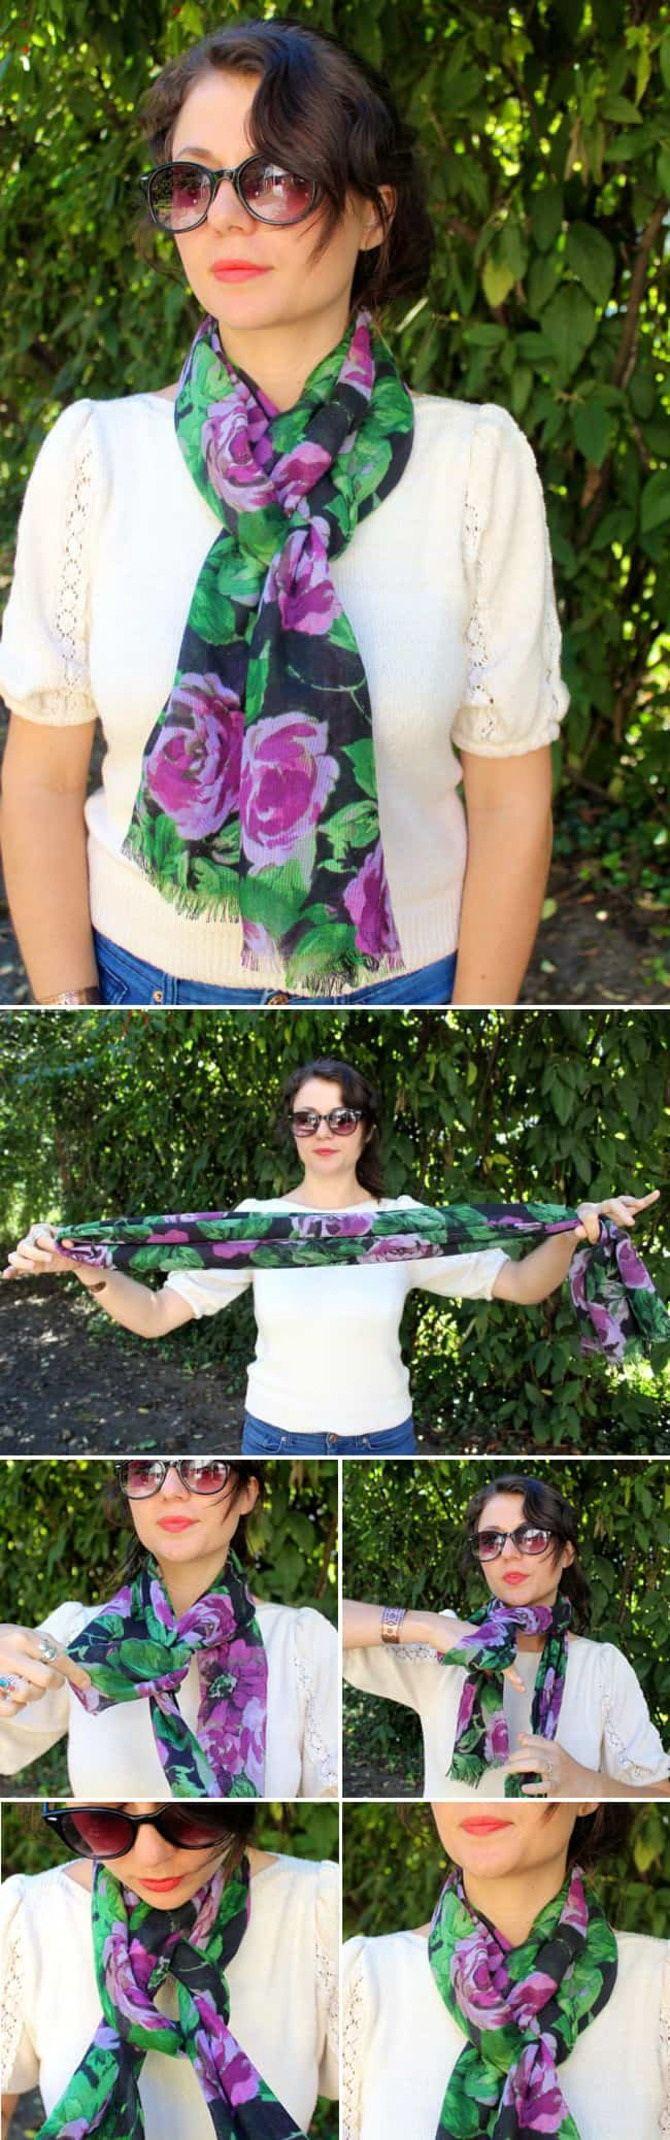 Як гарно зав'язати шарф: 19 найкращих способів 7